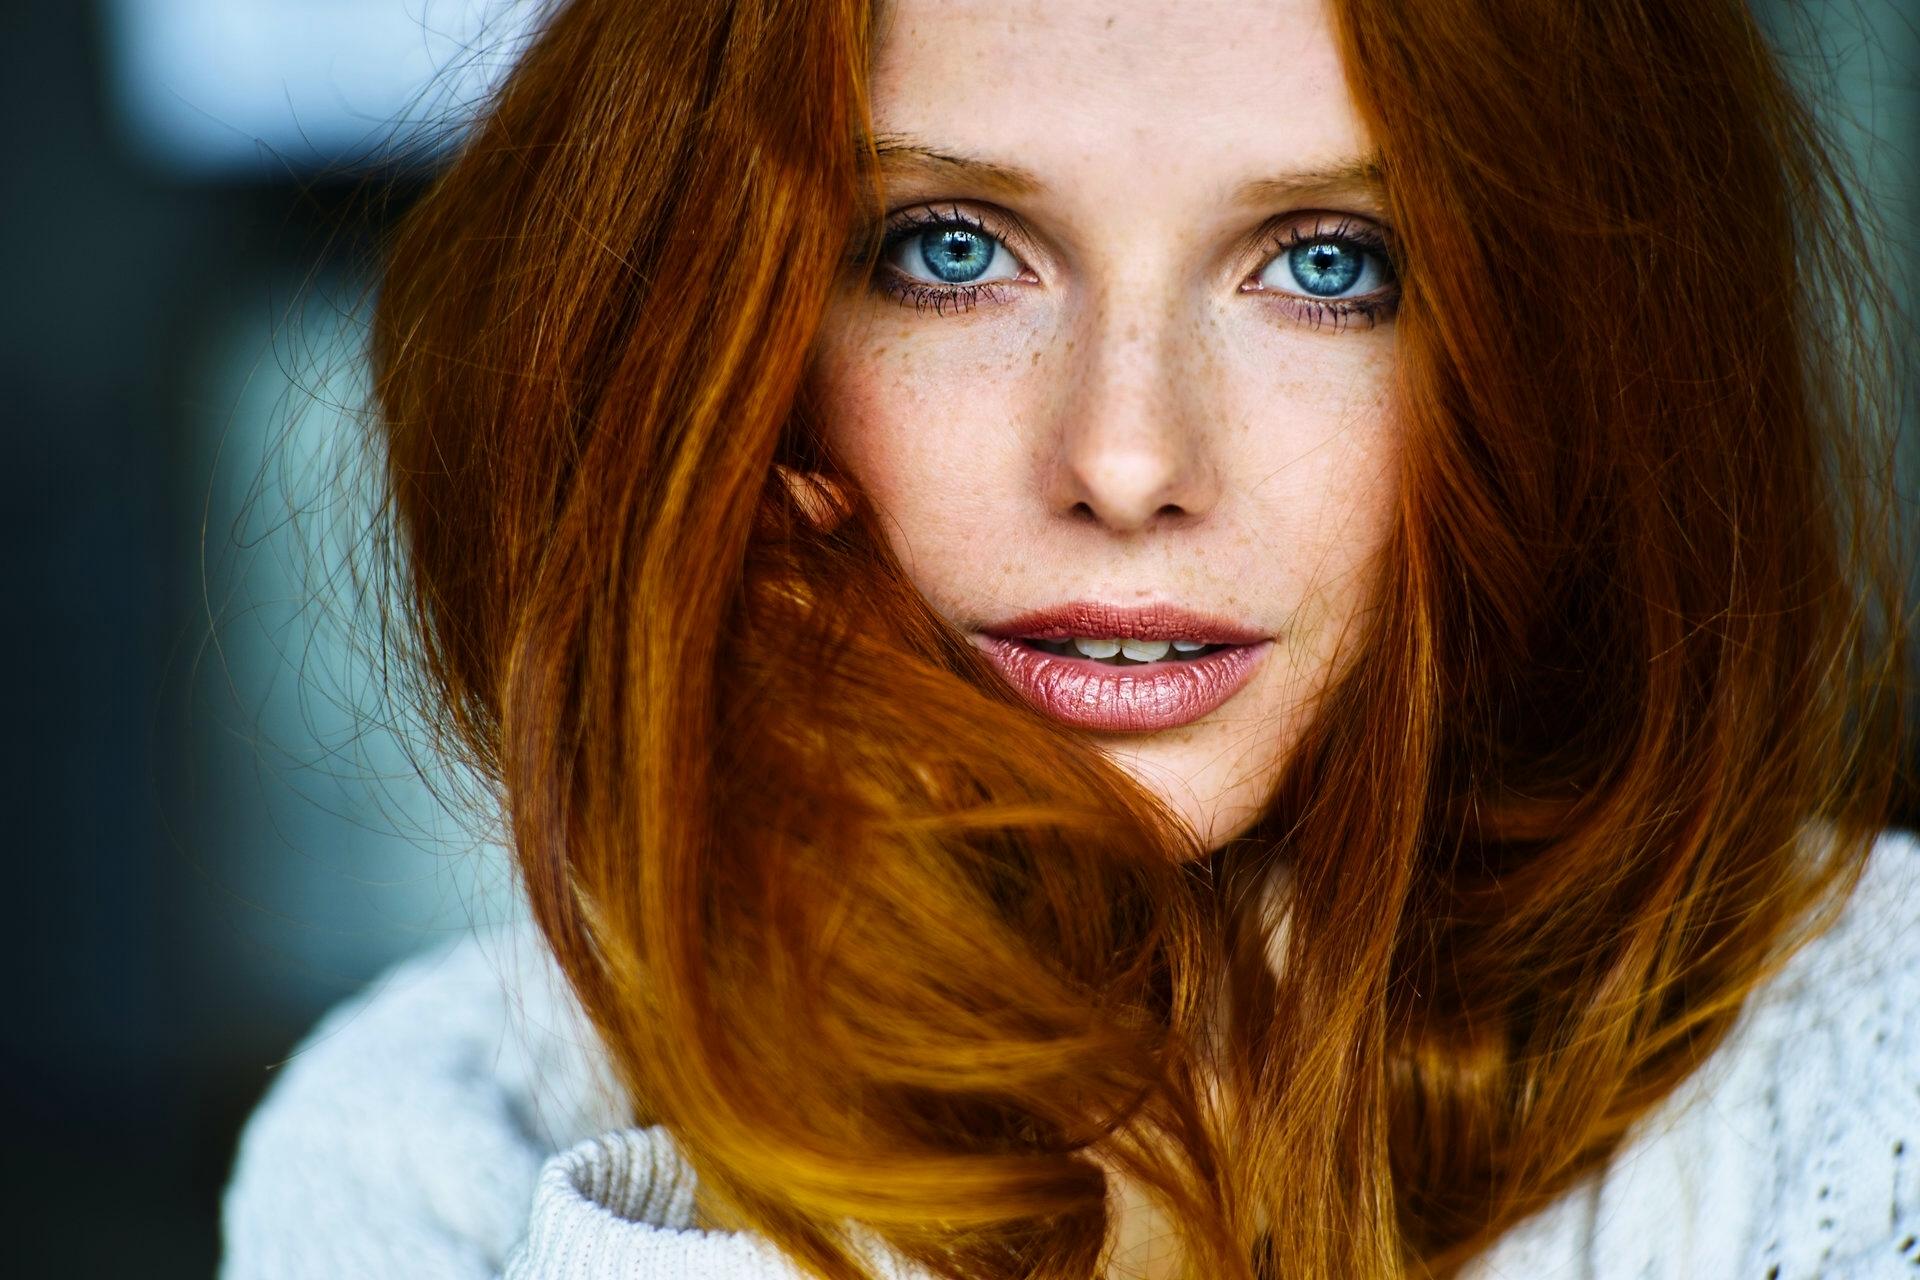 Рыжие девушки с серо-голубыми глазами фото